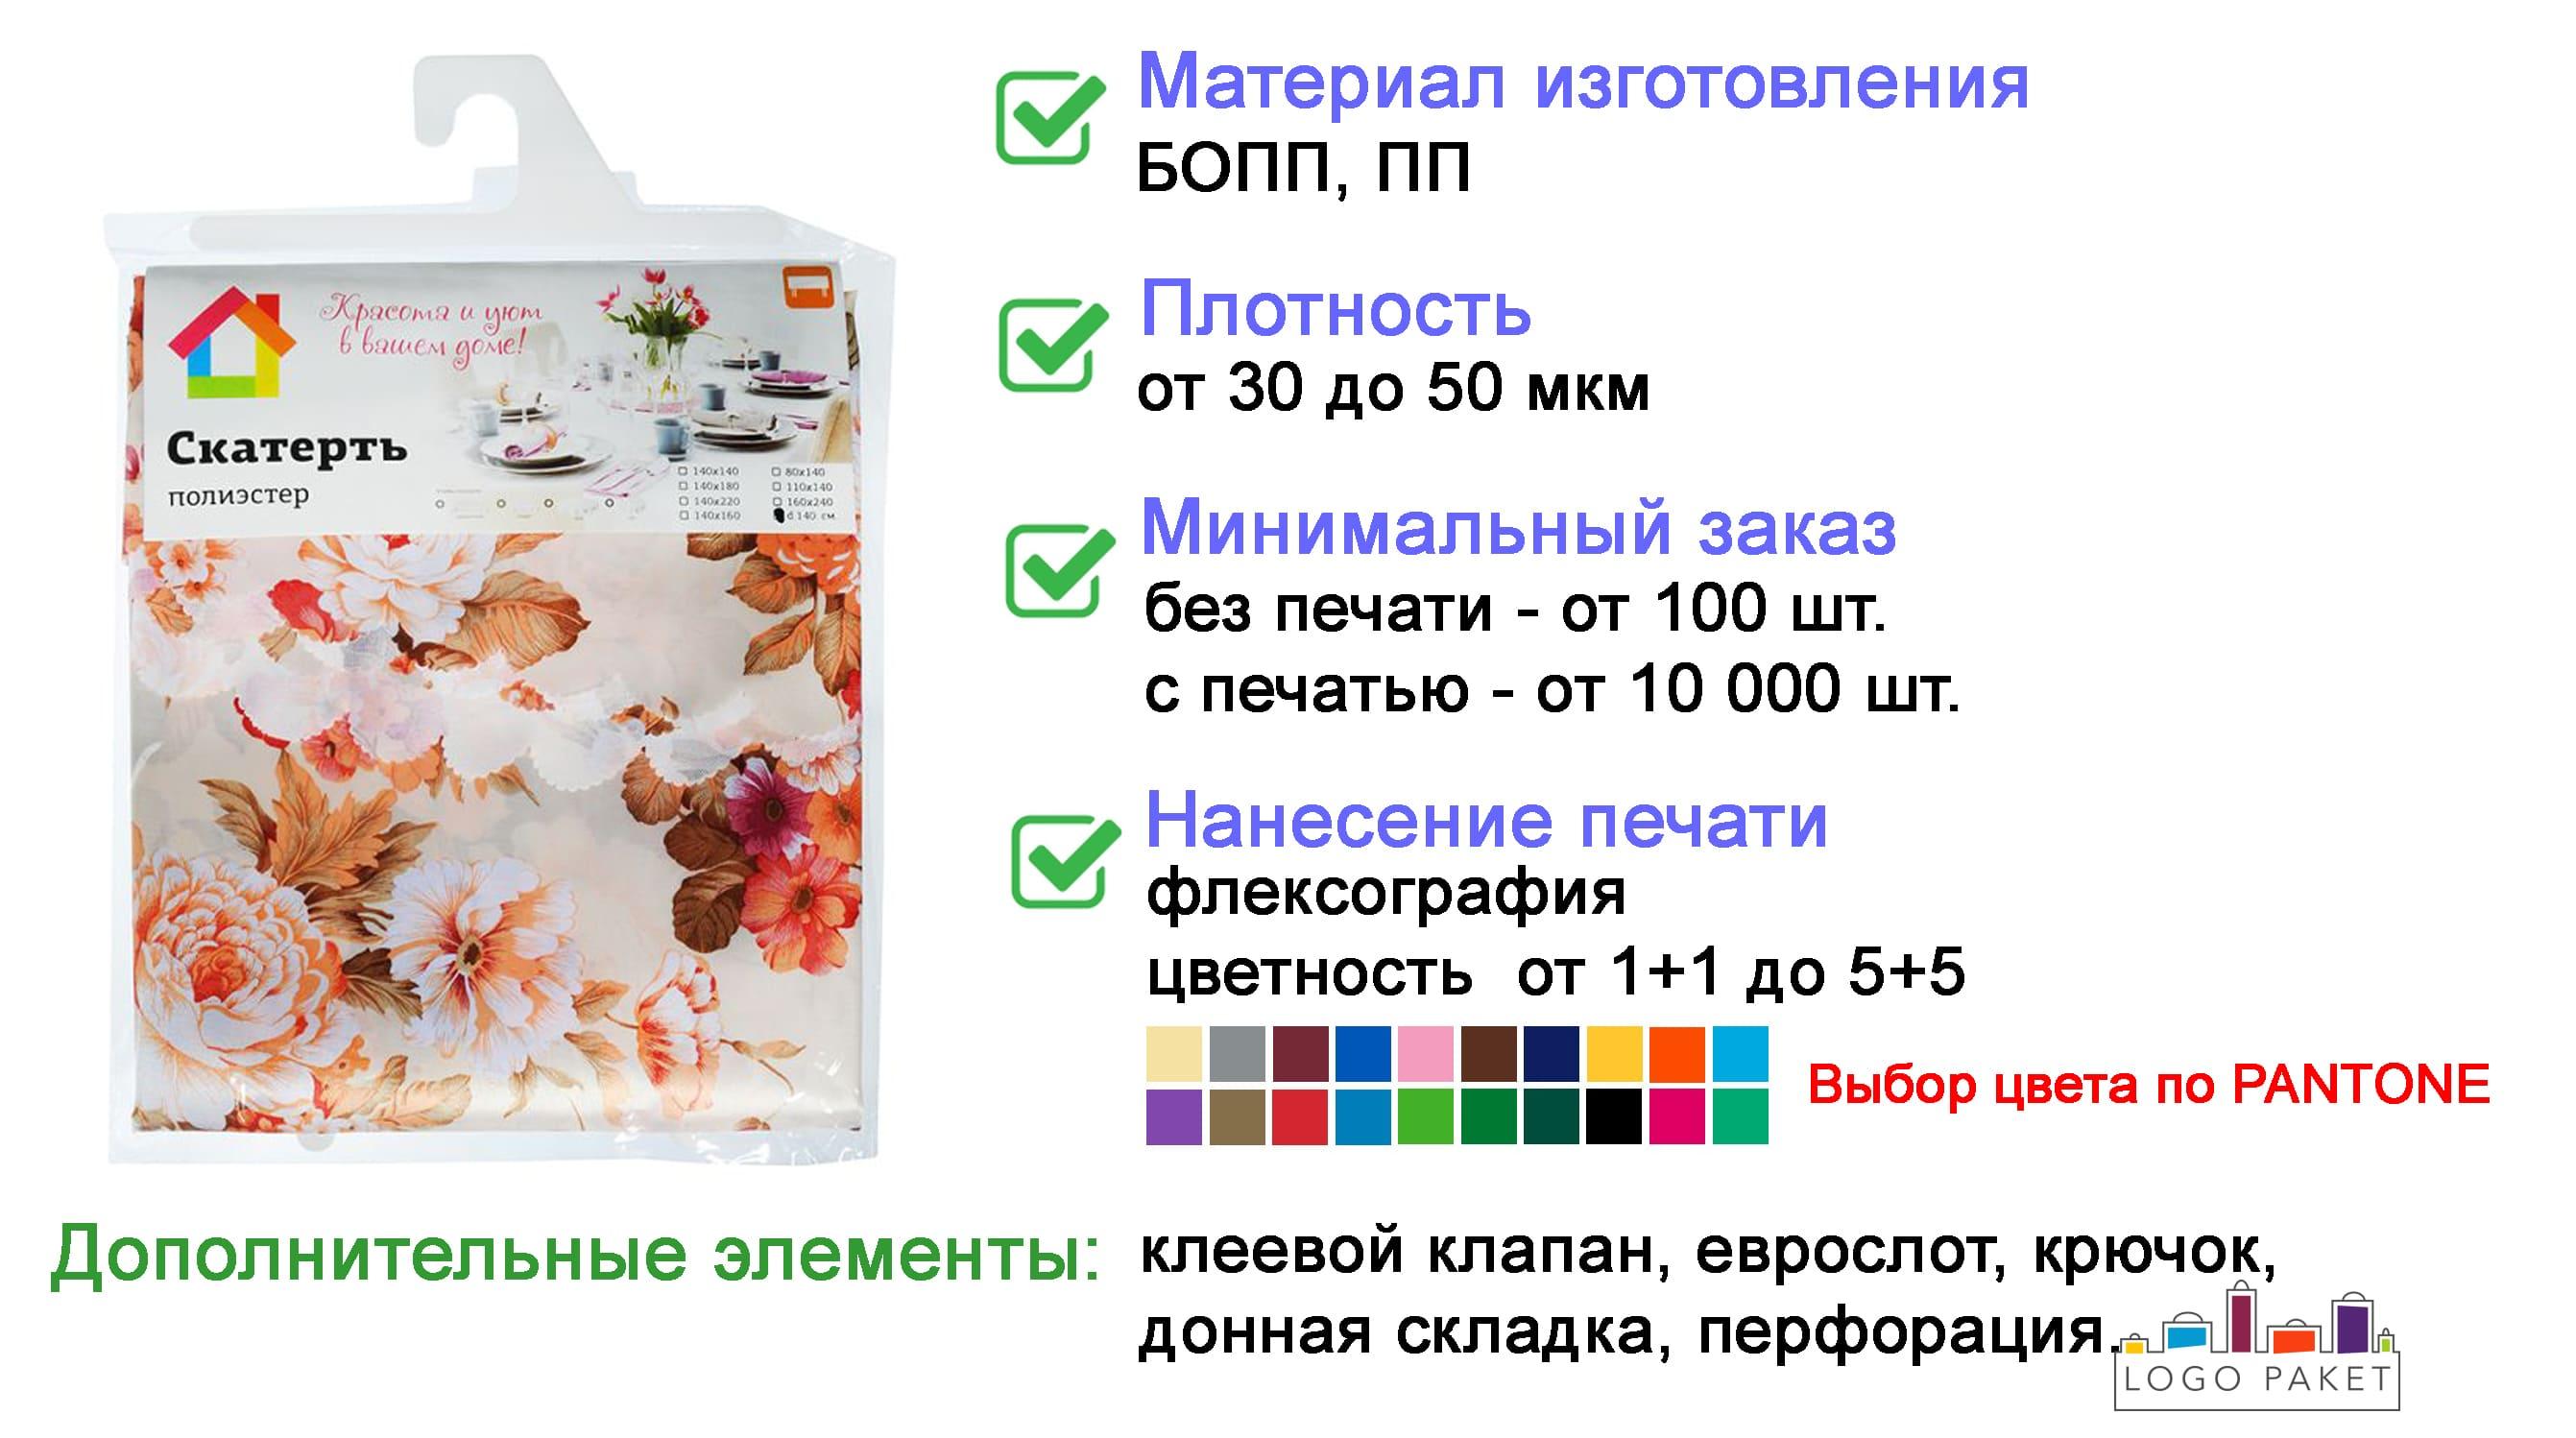 Брендированные пакеты для упаковки текстильных изделий инфографика